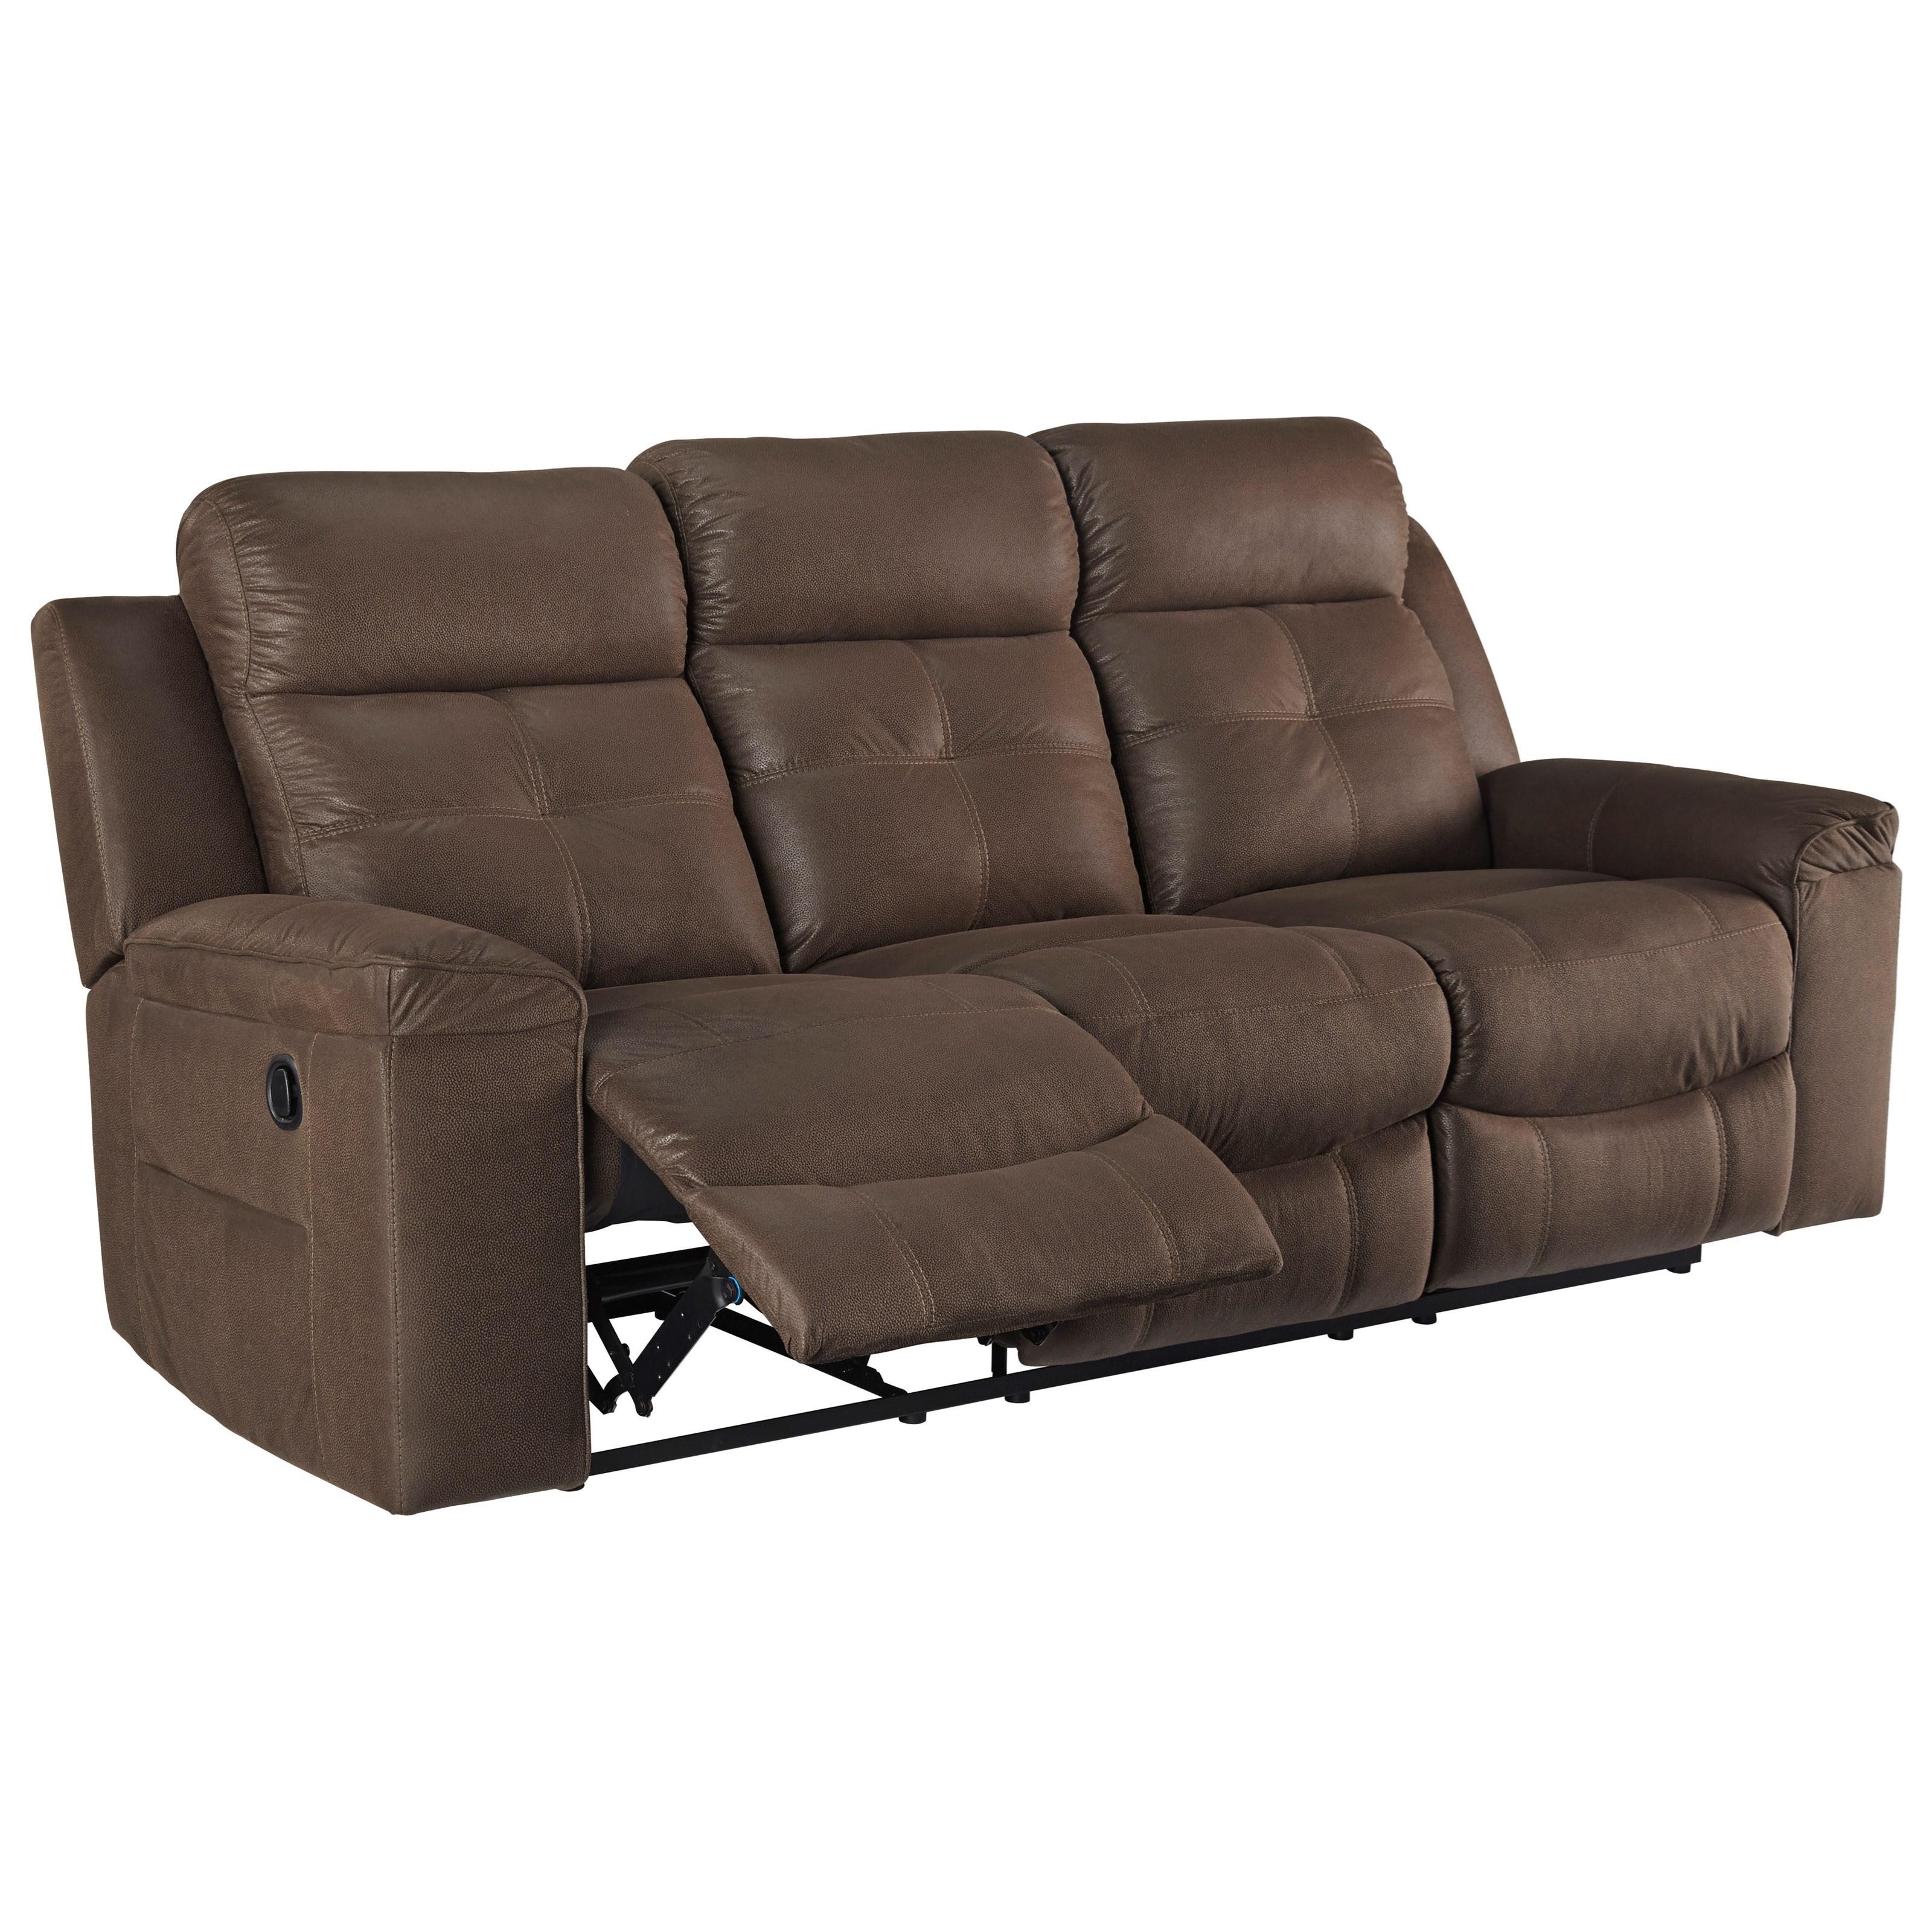 Merveilleux Contemporary Reclining Sofa